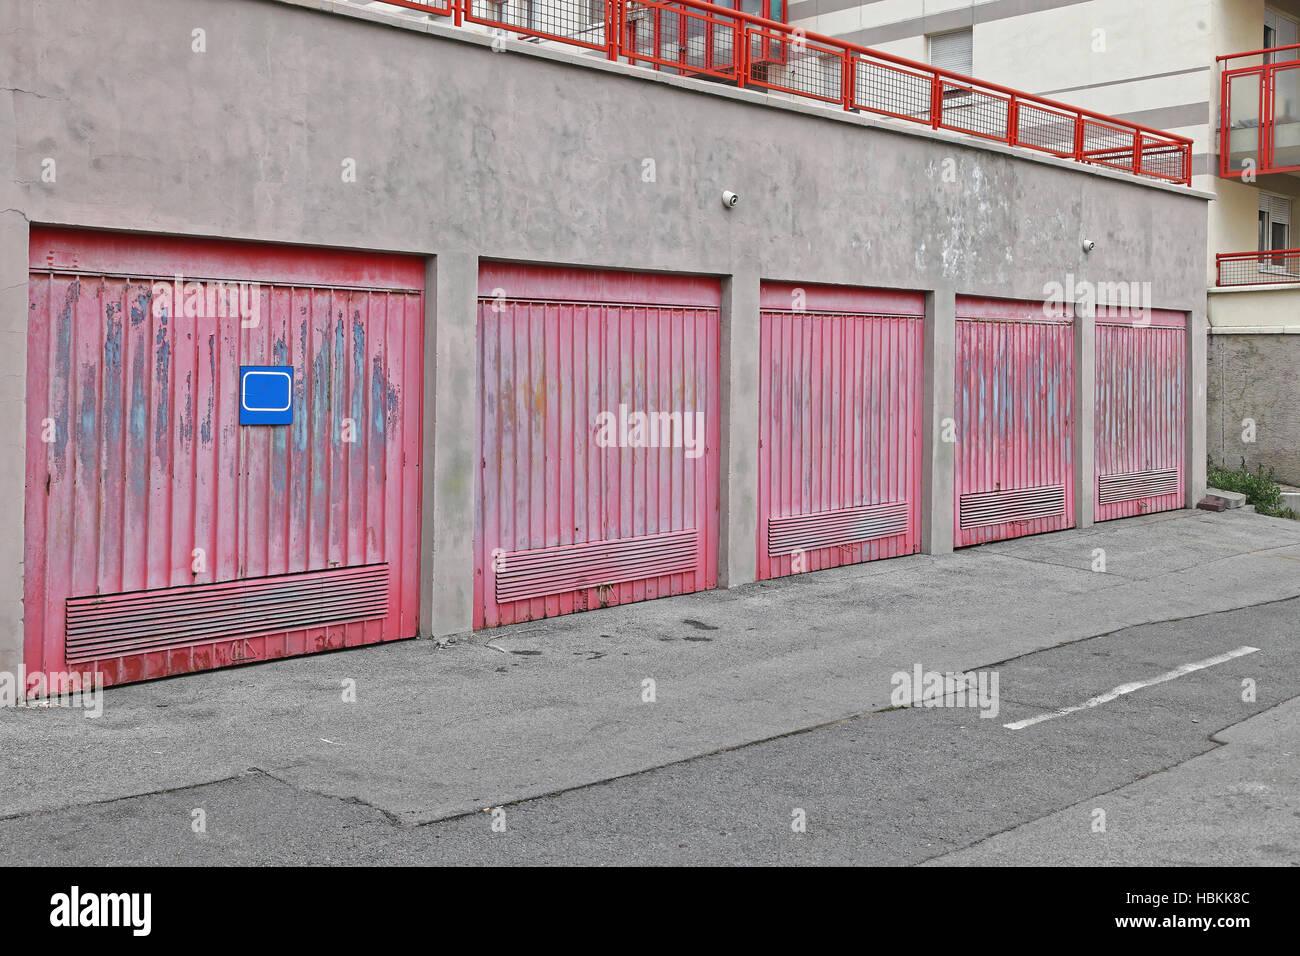 Garajes Foto de stock